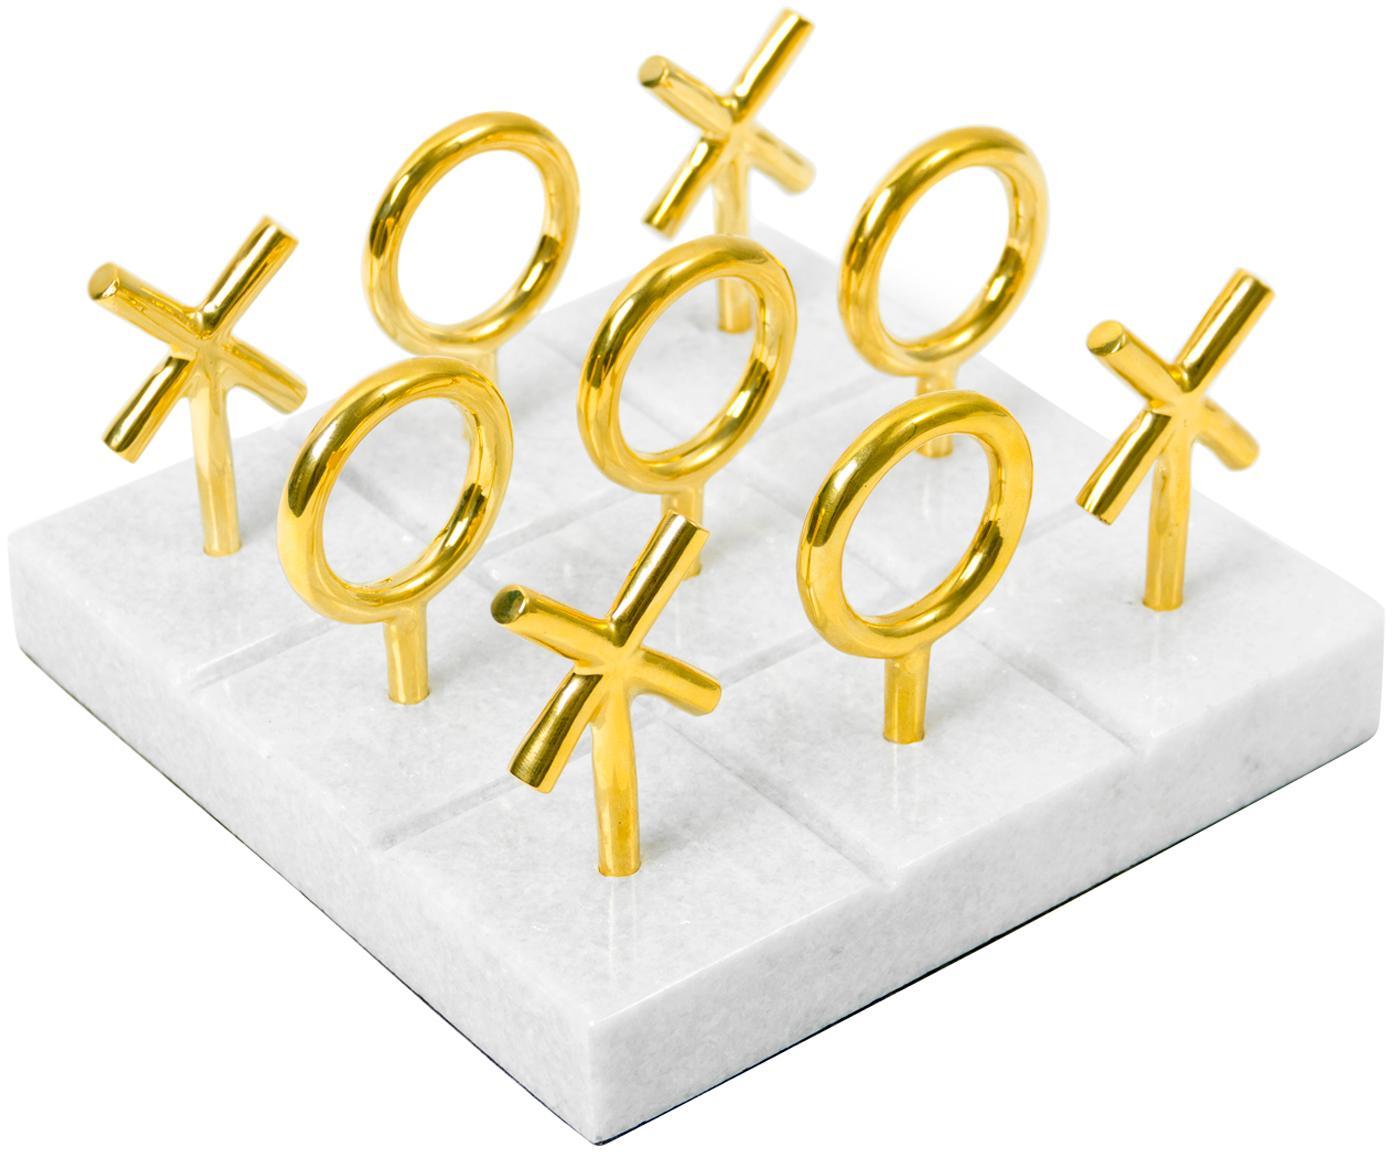 Marmeren bordspel Tic Tac Toe, Speelstenen: messingkleurig. Speelbord: wit, 17 x 10 cm